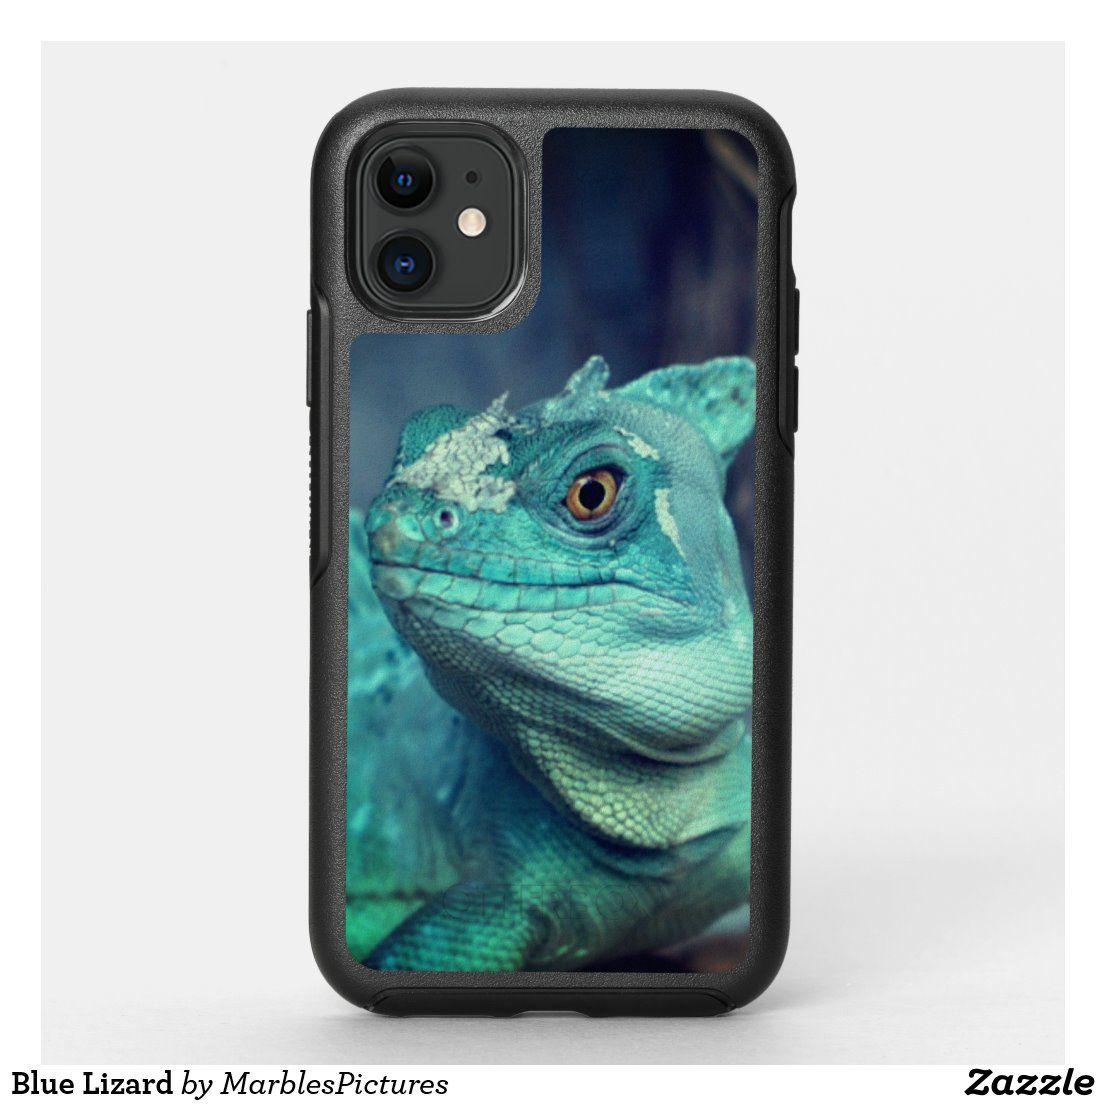 Blue lizard otterbox iphone case in 2020